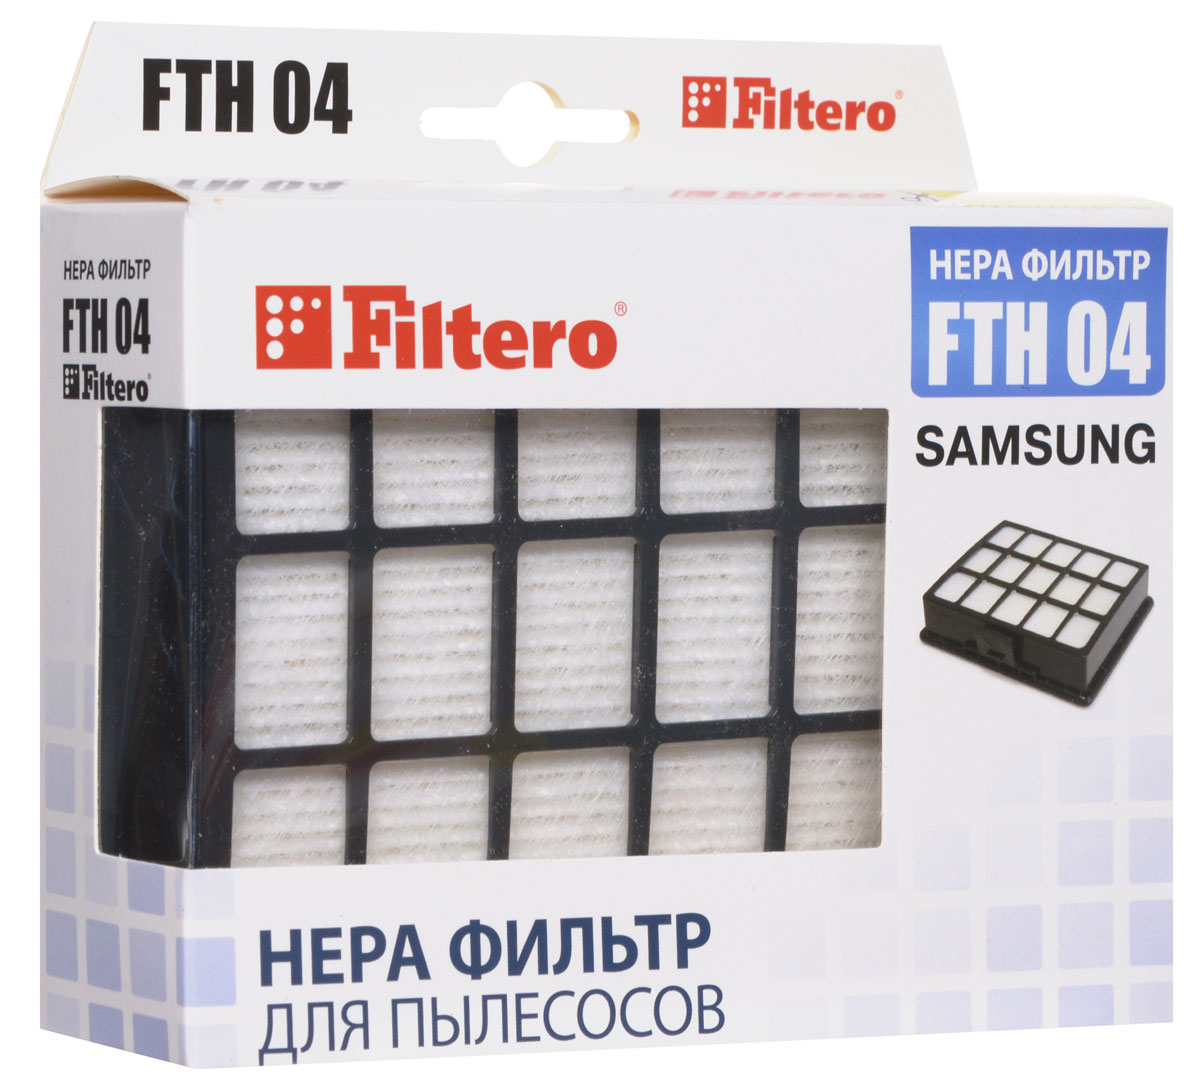 Filtero FTH 04 SAM Hepa-фильтр для SamsungFTH 04 SAM HEPAHepa-фильтр Filtero FTH 04 SAM препятствует выходу мельчайших частиц пыли и аллергенов из пылесоса в помещение.Фильтр не моющийся. Подлежит замене, согласно рекомендации производителя пылесосов - не реже одного раза за 6 месяцев.Подходит для следующих пылесосов:SAMSUNGSC 65… серии,SC 66... серииSC 67… серииSC 68… сериинапример: SC 6892